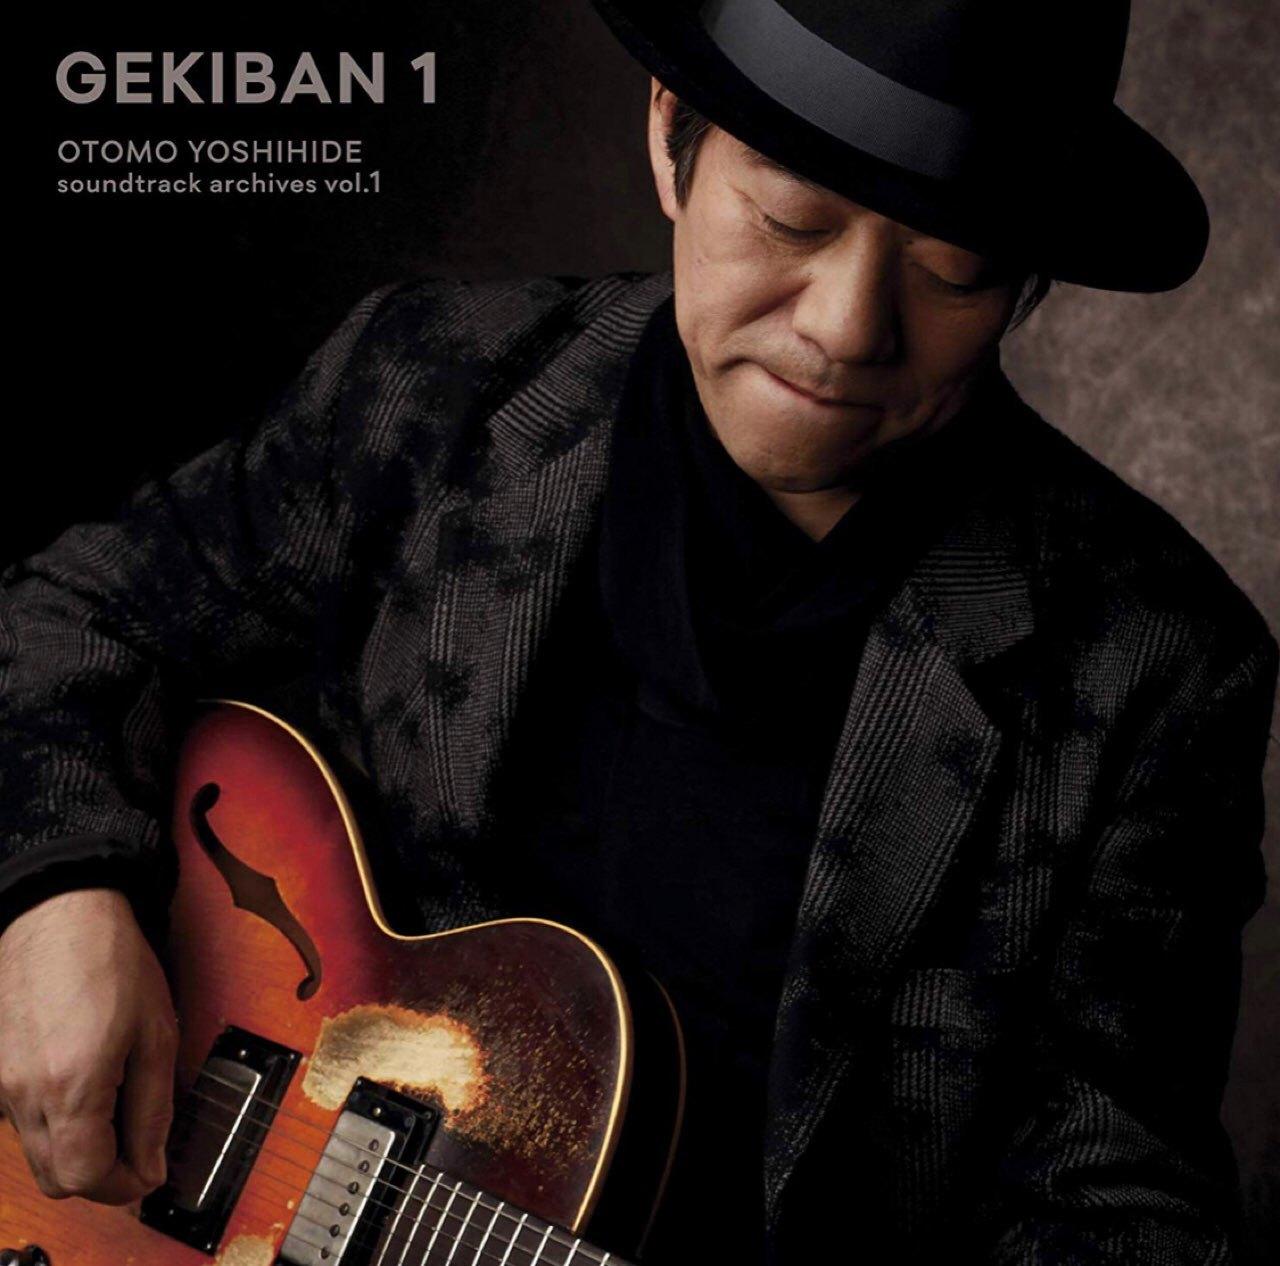 GEKIBAN 1 -大友良英サウンドトラックアーカイブス-発売_e0230090_07420102.jpeg